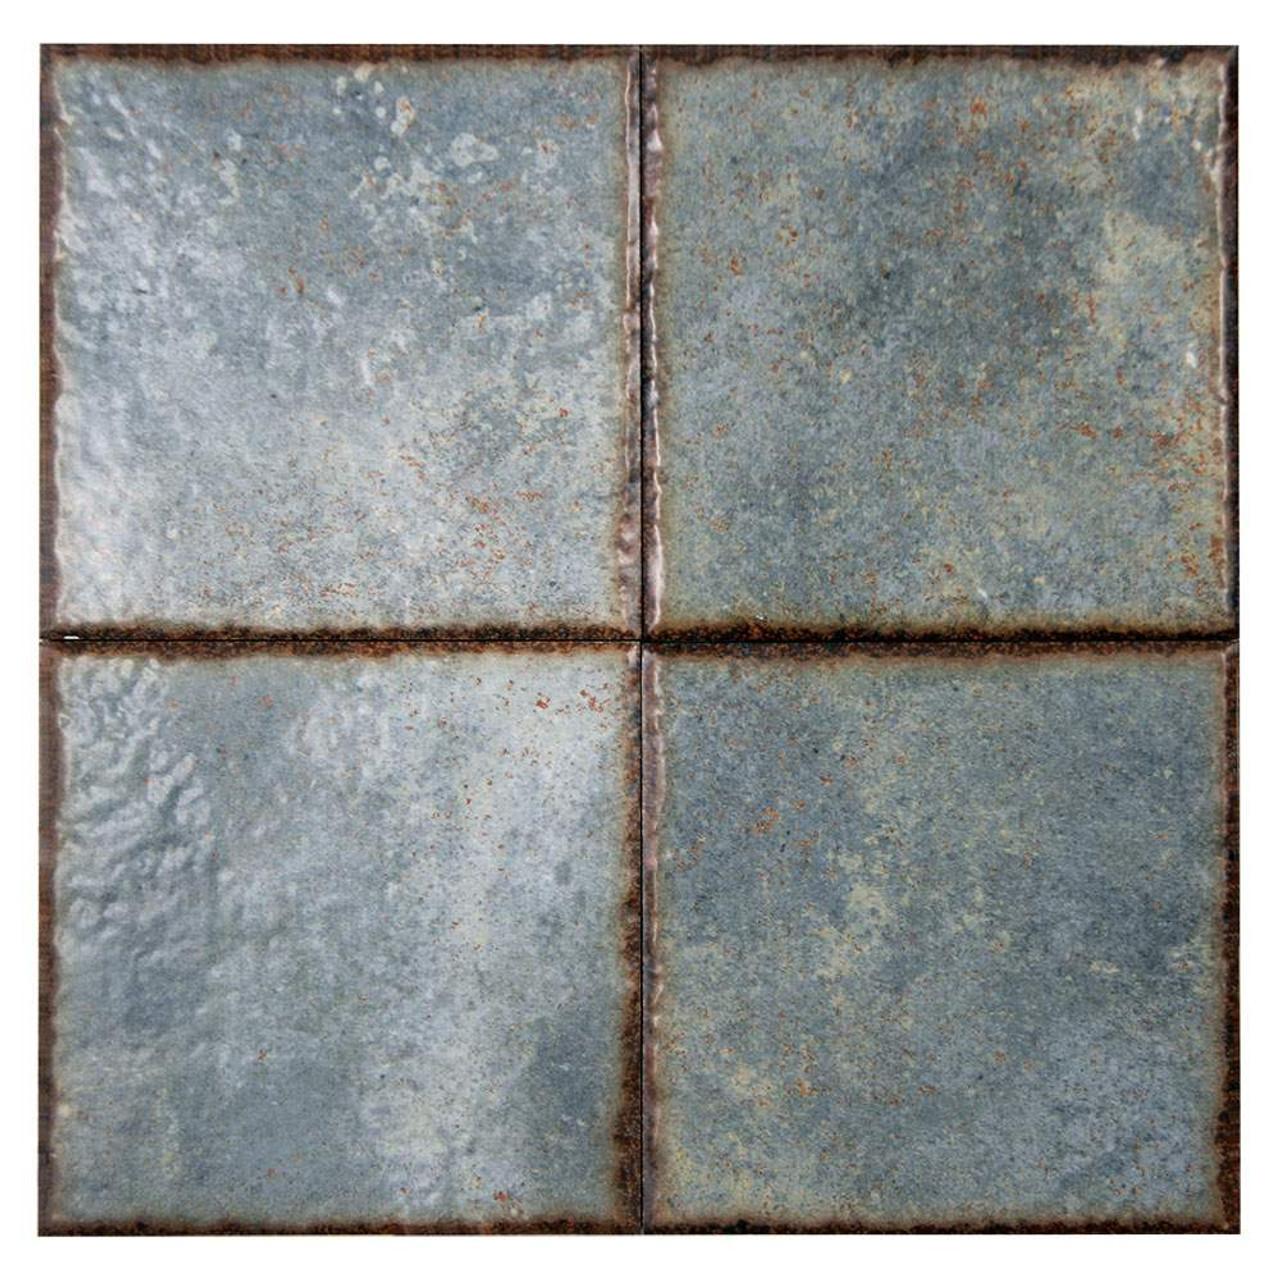 benisa green 6x6 porcelain pool grade tile box of 9 8 sq ft